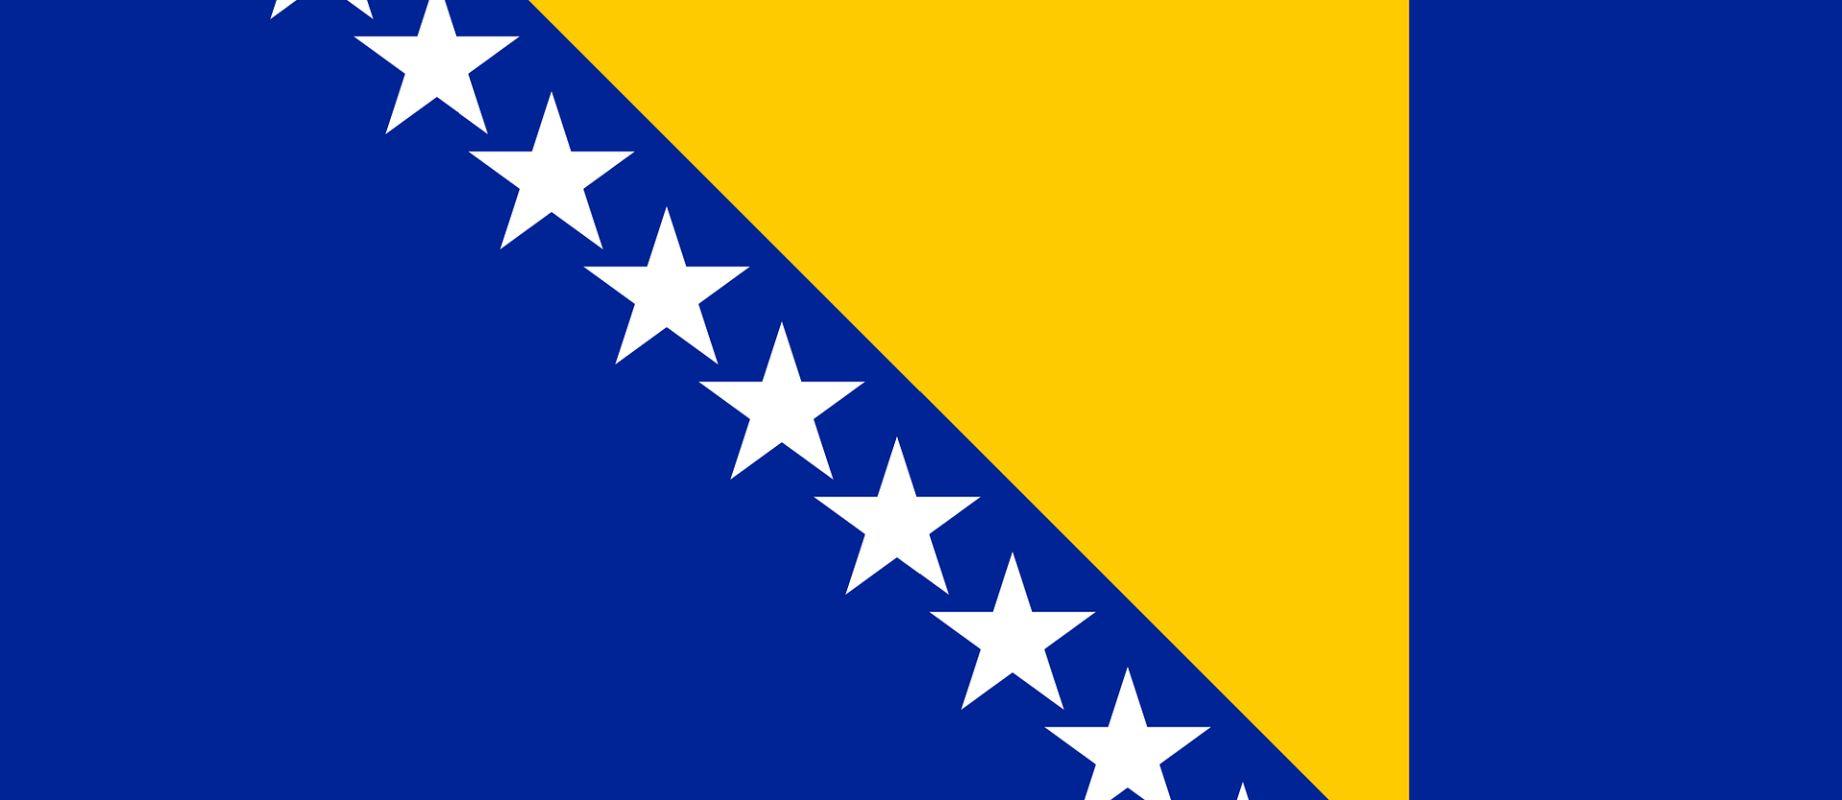 BiH ce tražiti izručenje zamjenika zapovjednika ratnog logora za Hrvate u Mostaru